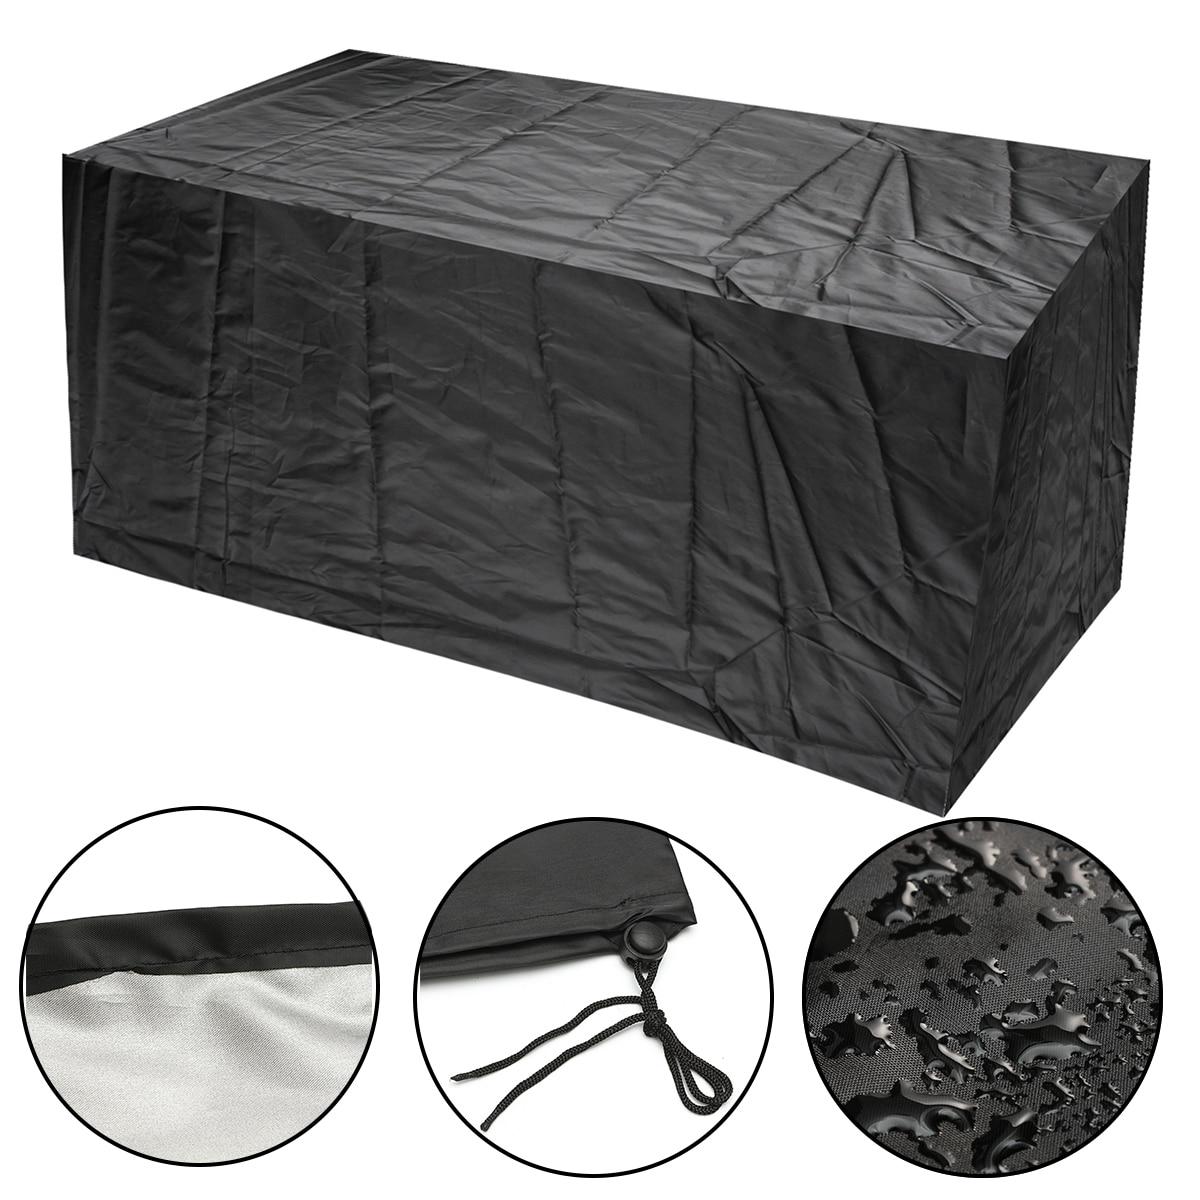 Rechteckigen Schutzhülle Für Indoor/outdoor Möbel. Anzüge Meisten Möbel Wie  Schreibtisch, Bank, Tisch, Schrank Usw.